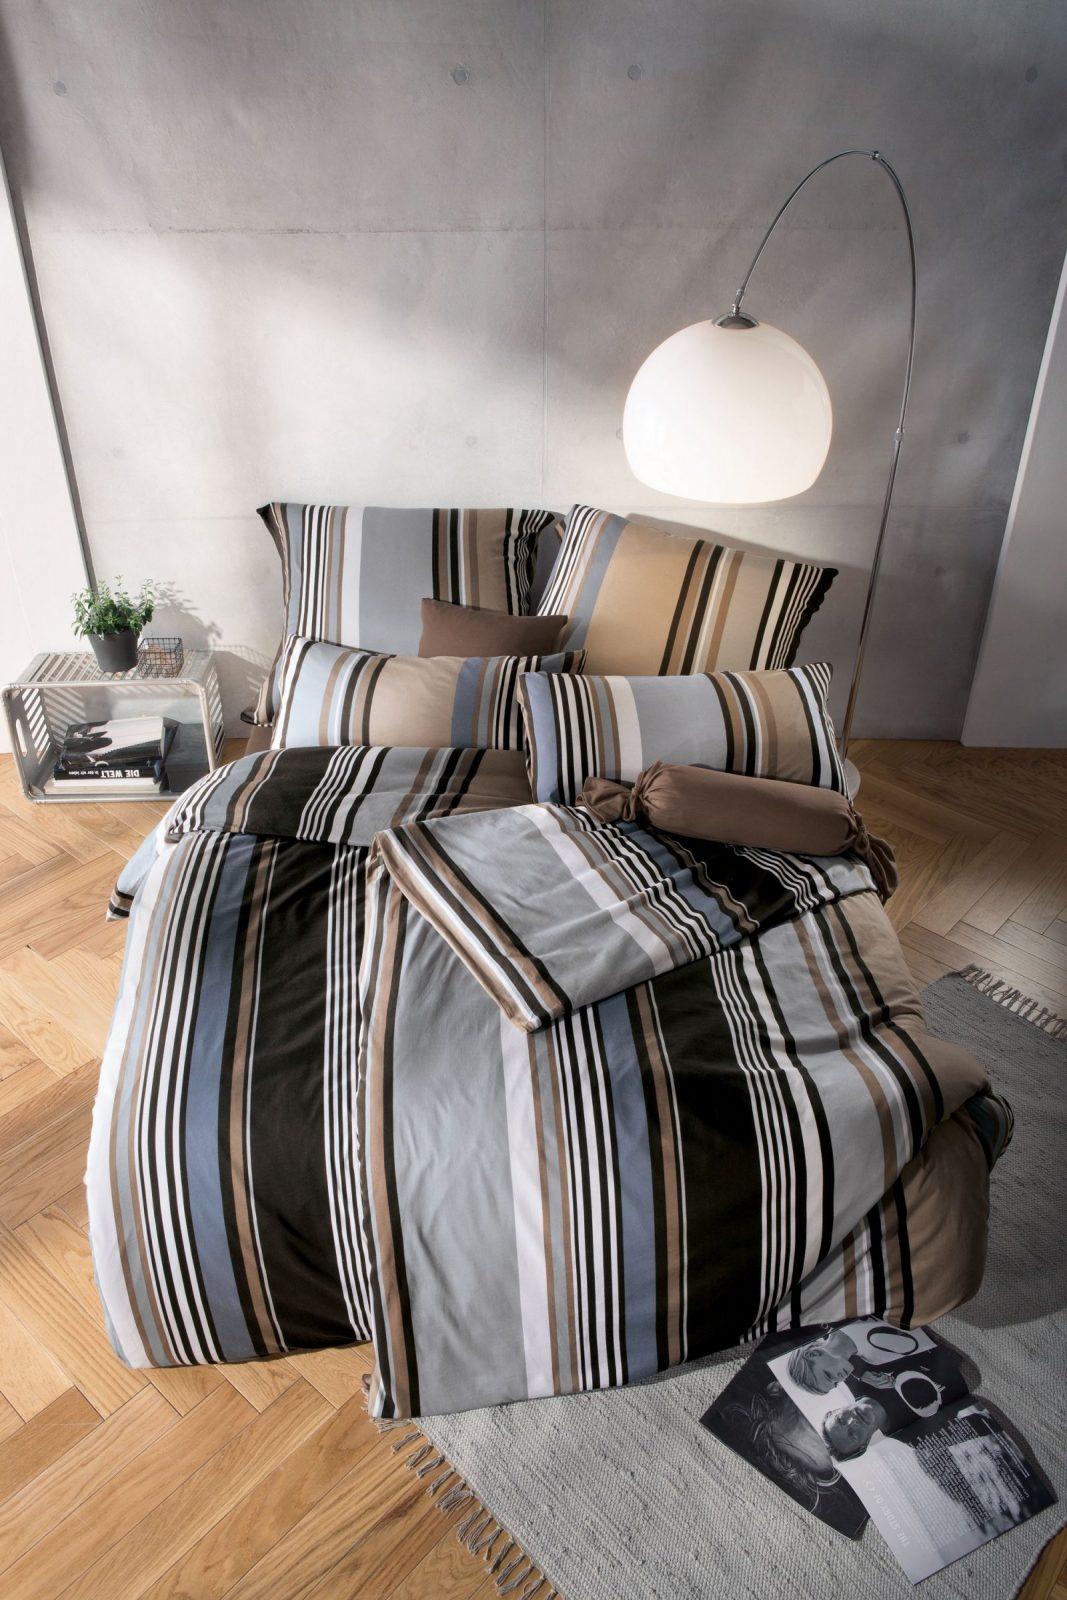 Die Farben Grau Braun Und Blau Wirken Beruhigend Und Sind Daher von Beruhigende Bilder Fürs Schlafzimmer Bild